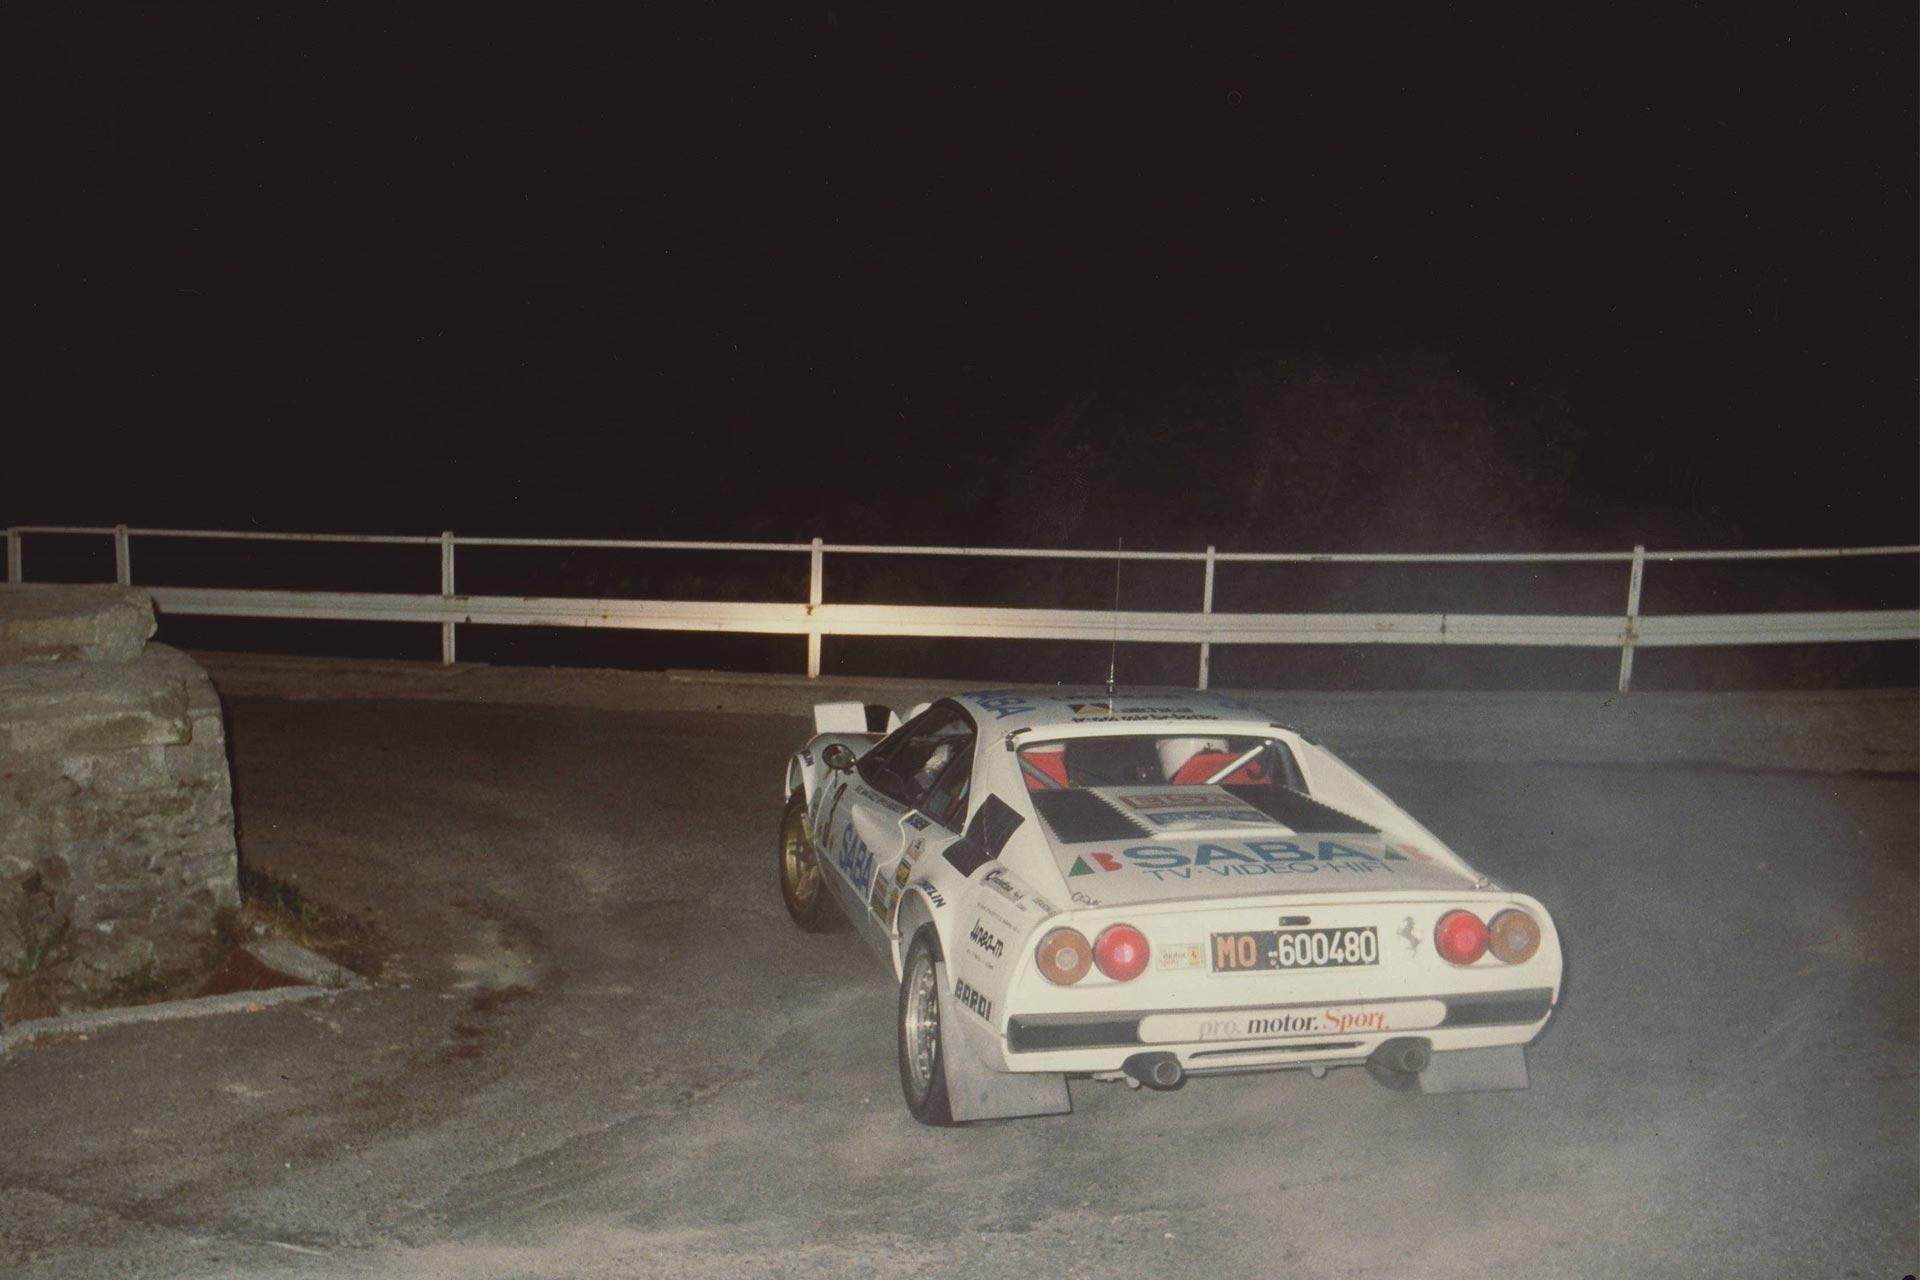 Ferrari-308-GTB-Michelotto-Group-B-for-sale-16